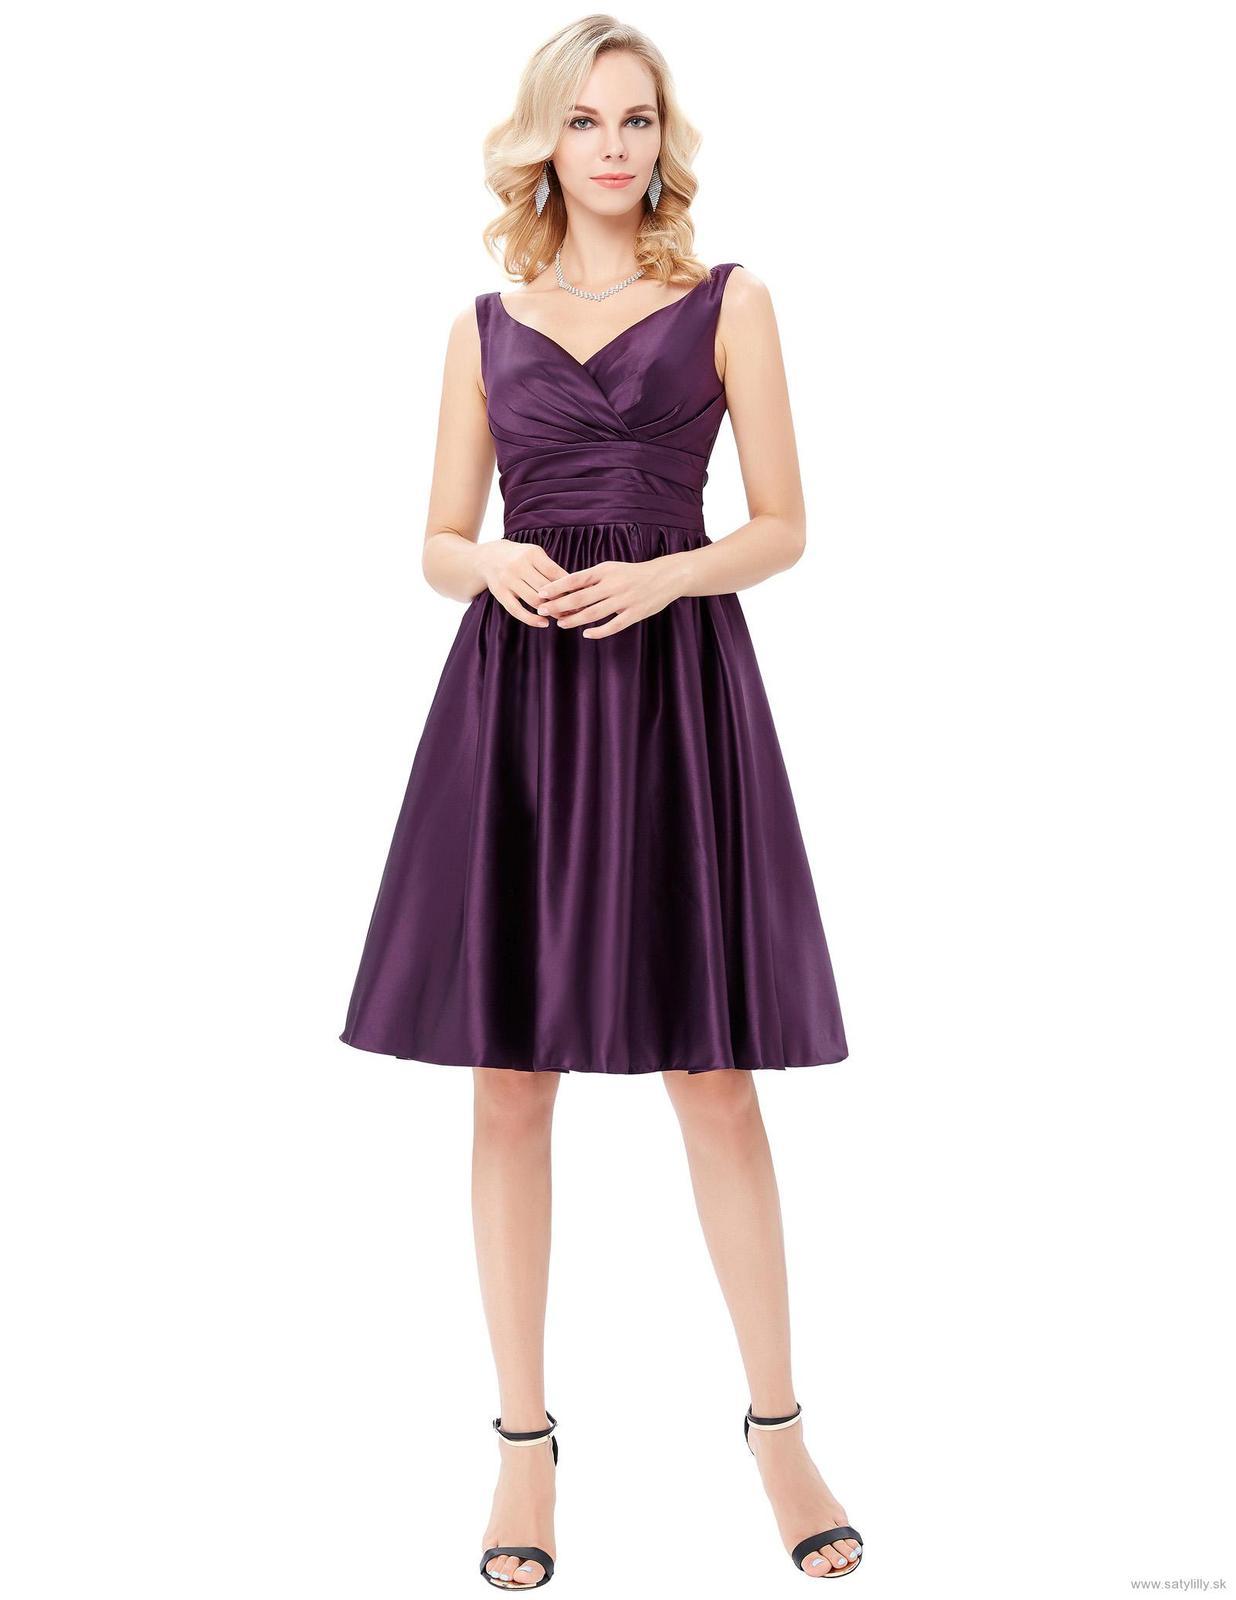 Krátke spoločenské šaty - veľ. 34 dodanie IHNEĎ - Obrázok č. 1